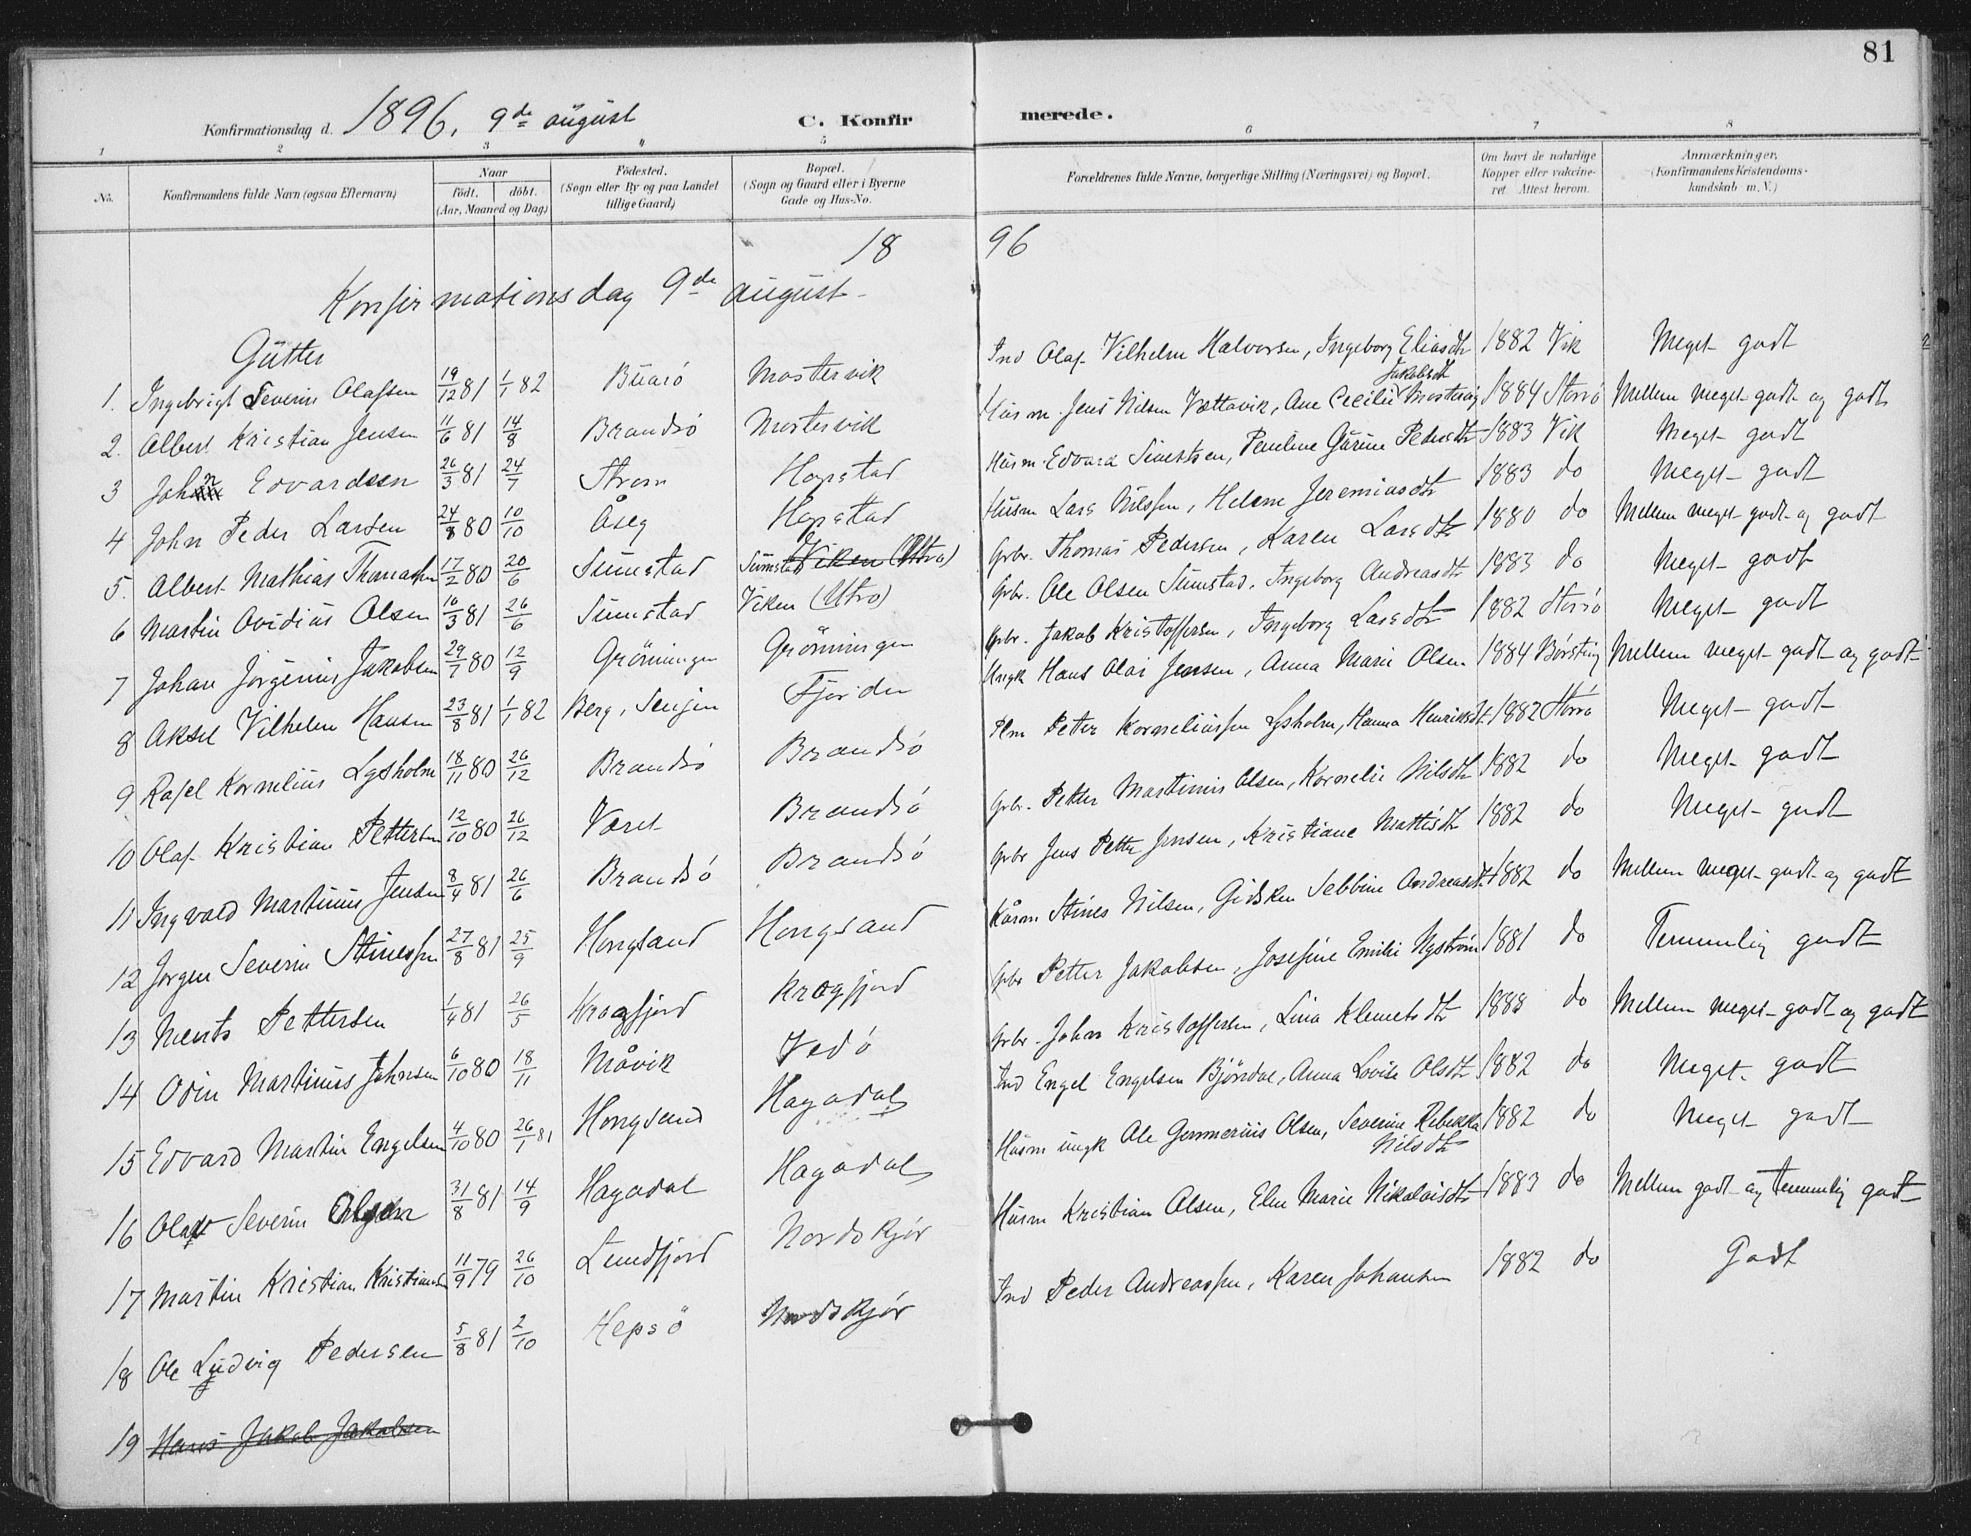 SAT, Ministerialprotokoller, klokkerbøker og fødselsregistre - Sør-Trøndelag, 657/L0708: Ministerialbok nr. 657A09, 1894-1904, s. 81